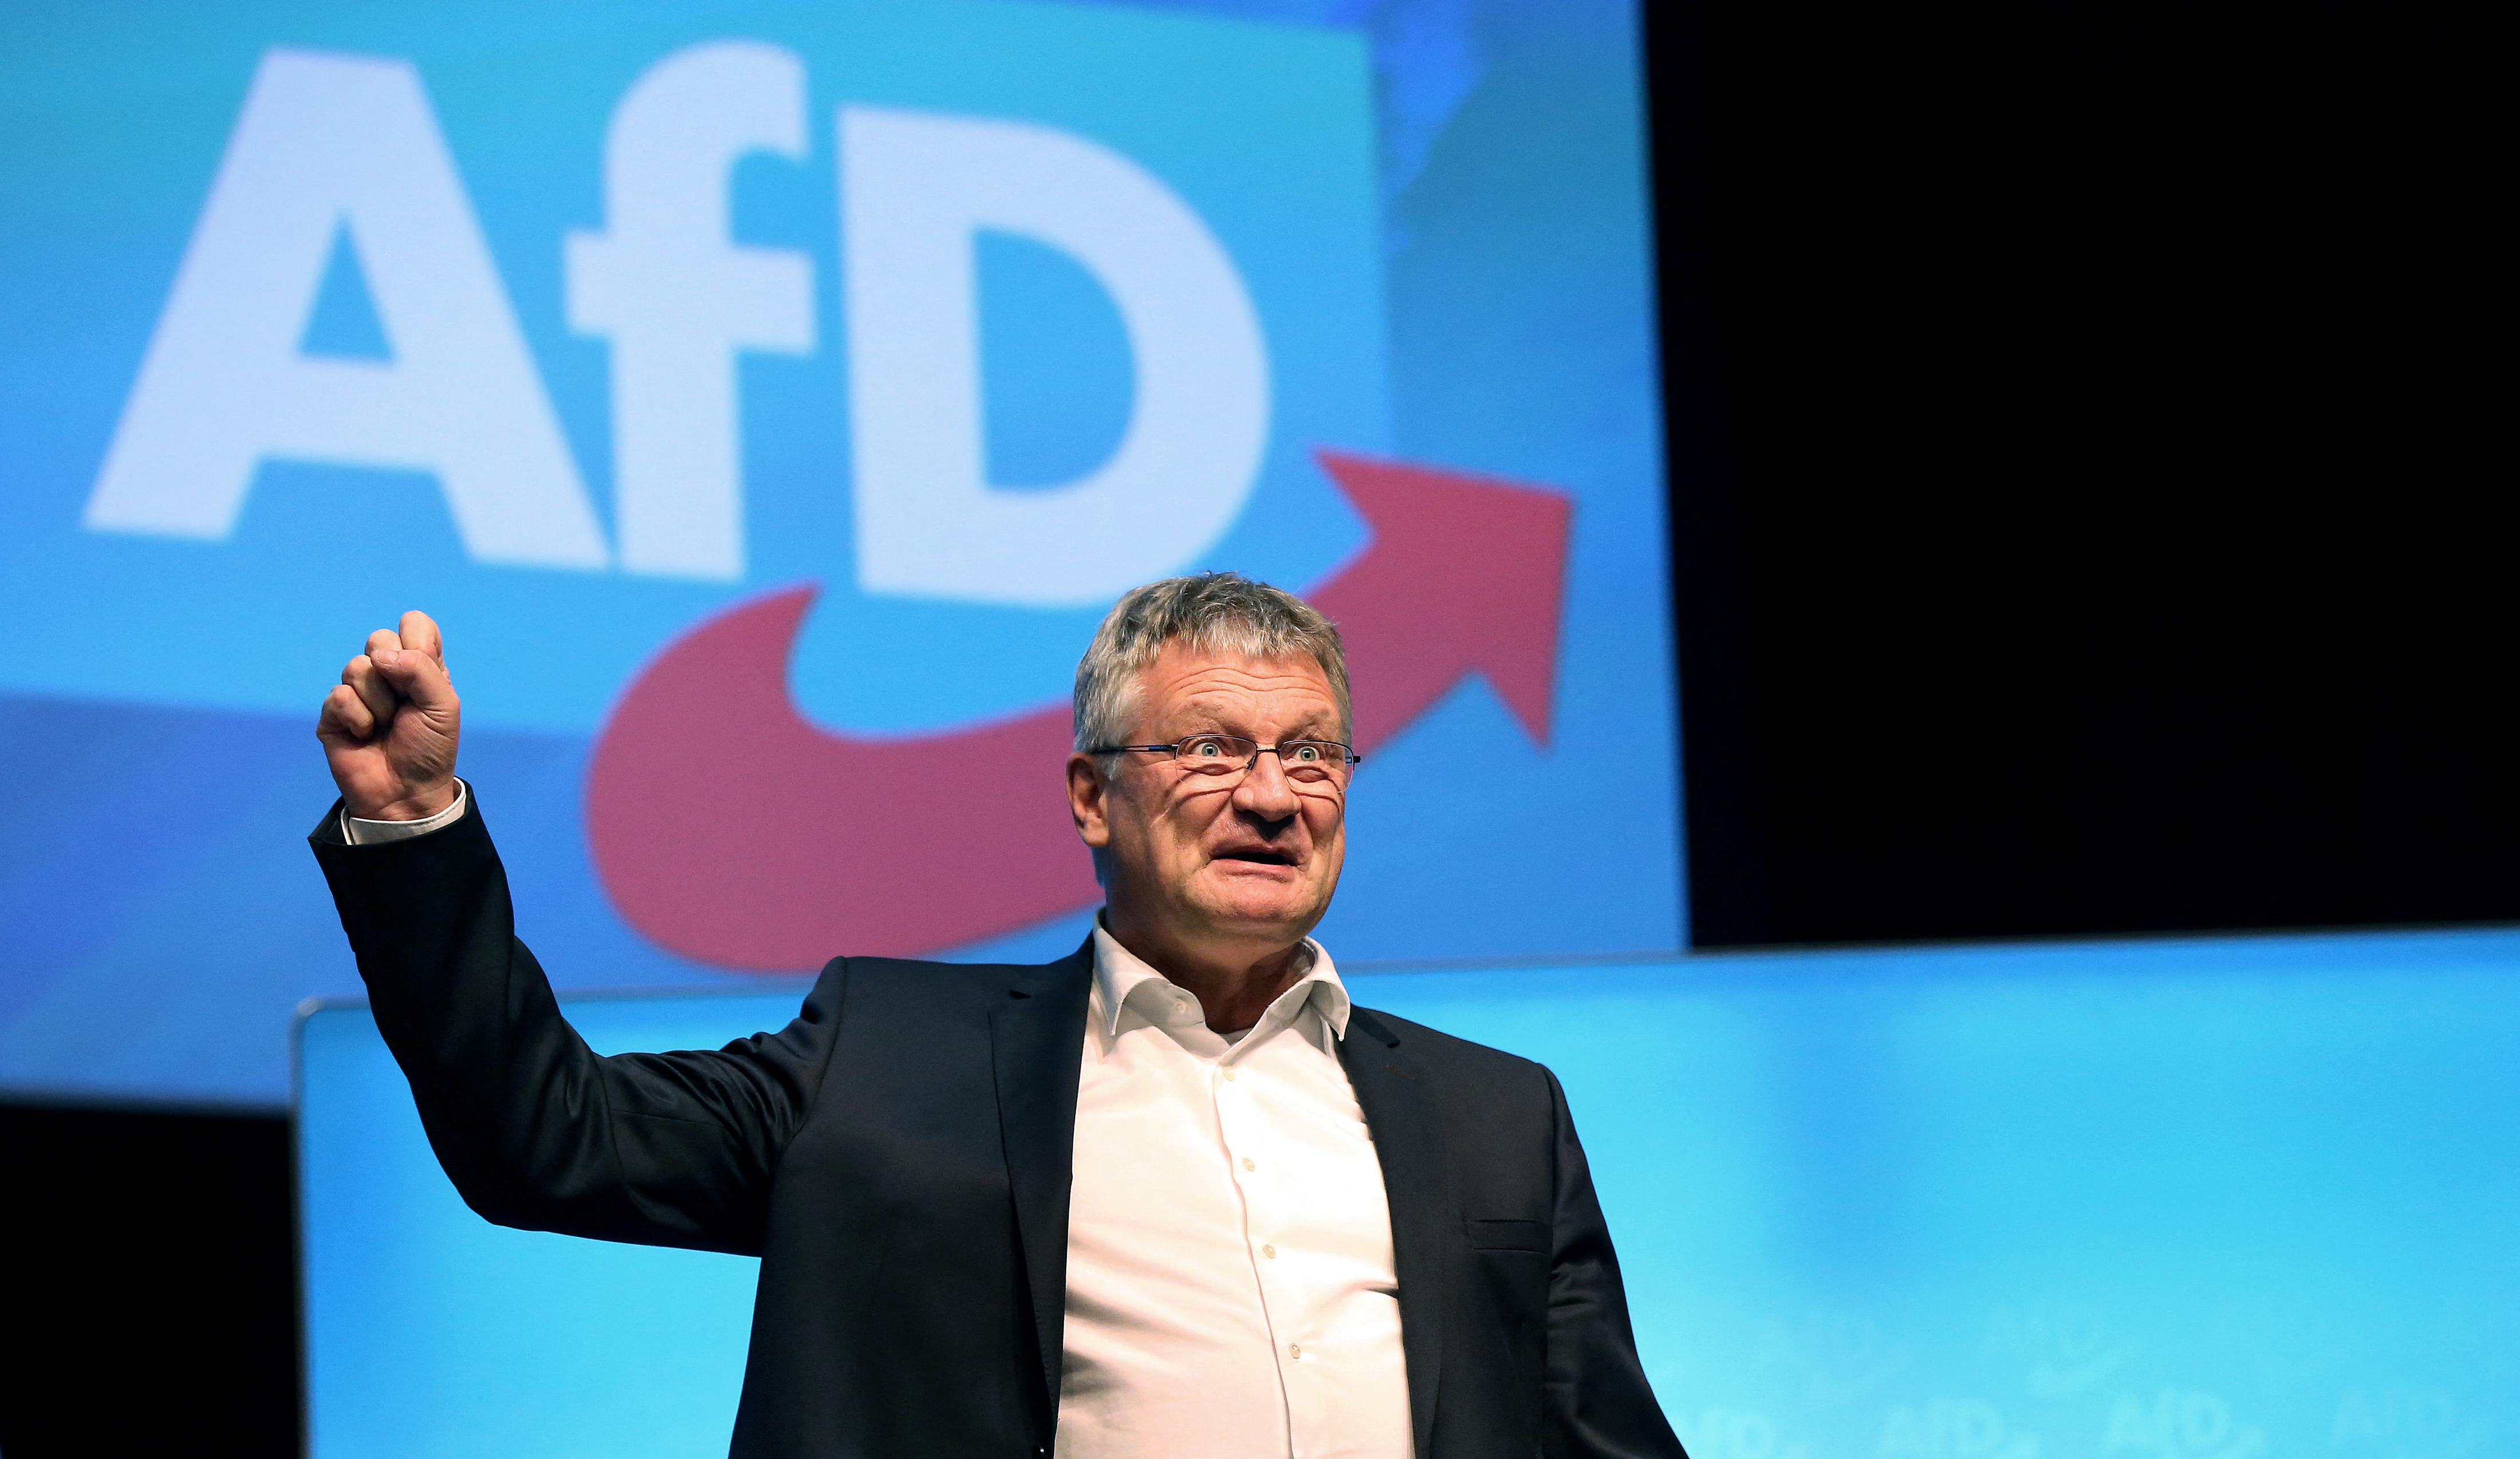 A szélsőjobbos pártok frakciója szívesen befogadná a Fidesz EP-képviselőit